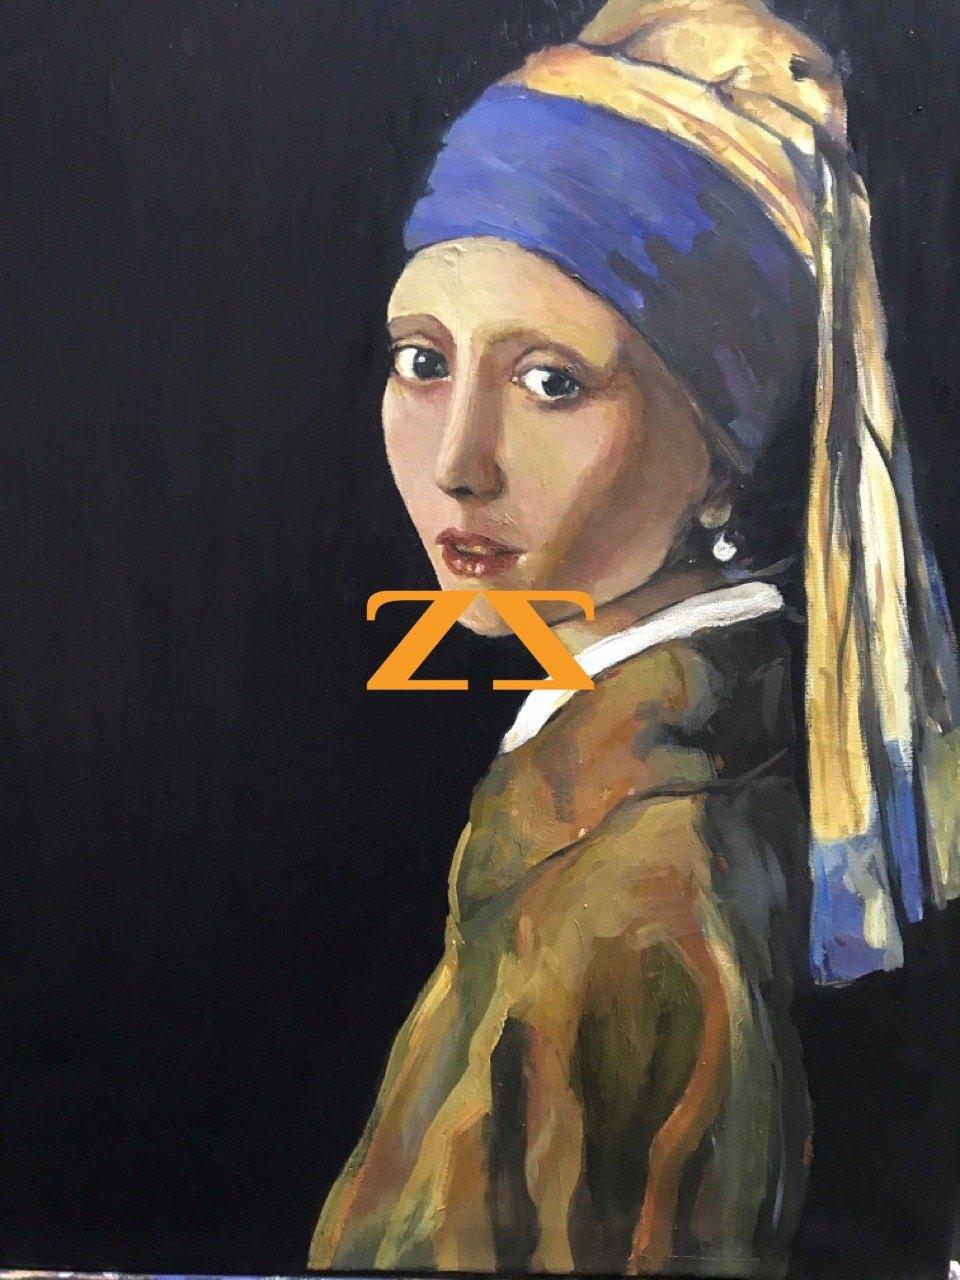 لوحة the girl with the pearl earring